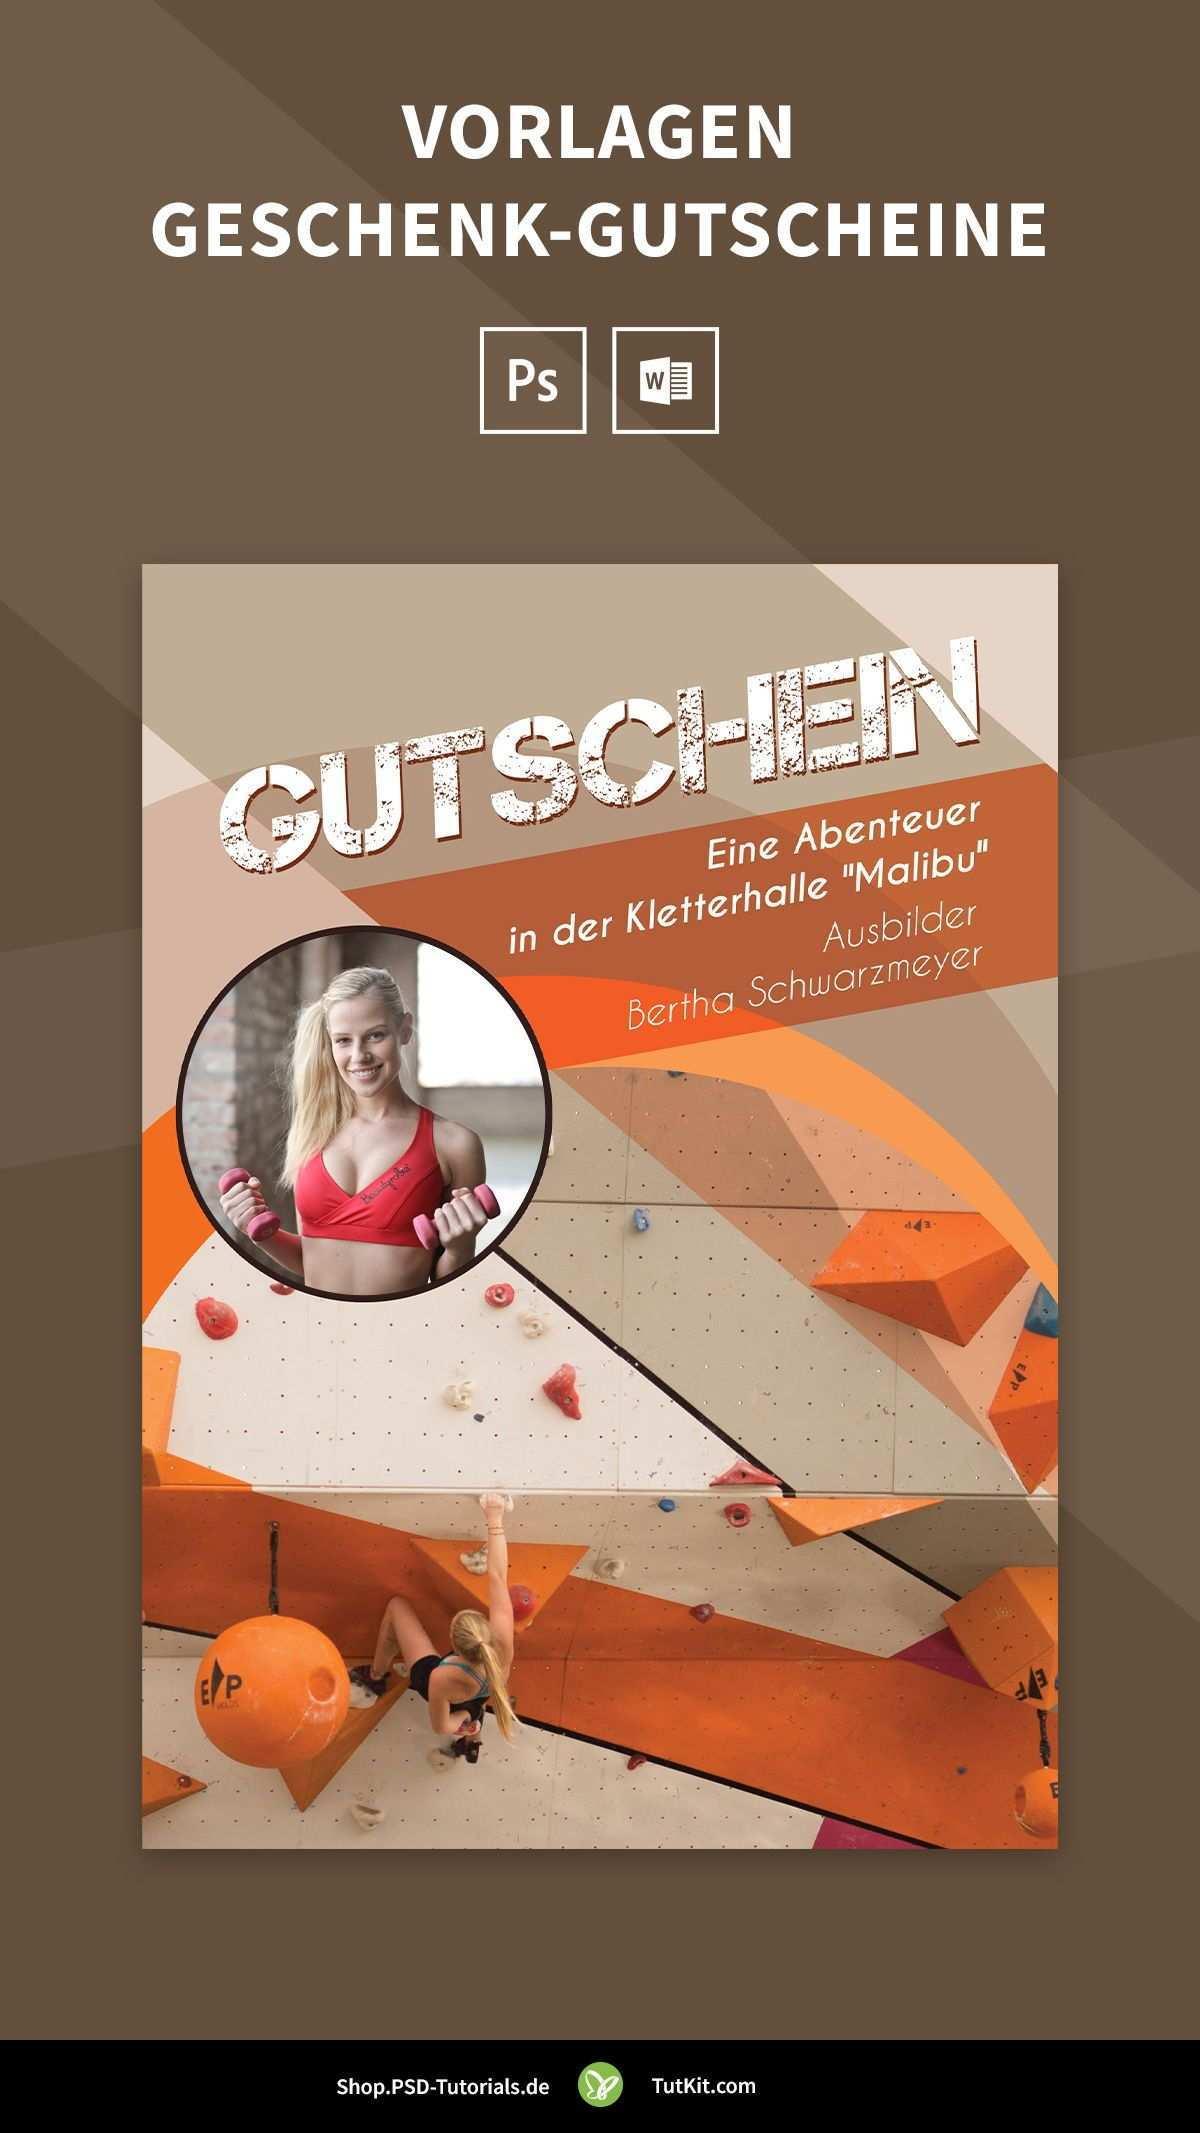 Vorlagen Geschenk Gutschein Fur Word Und Photoshop In 2020 Gutscheine Geschenke Vorlagen